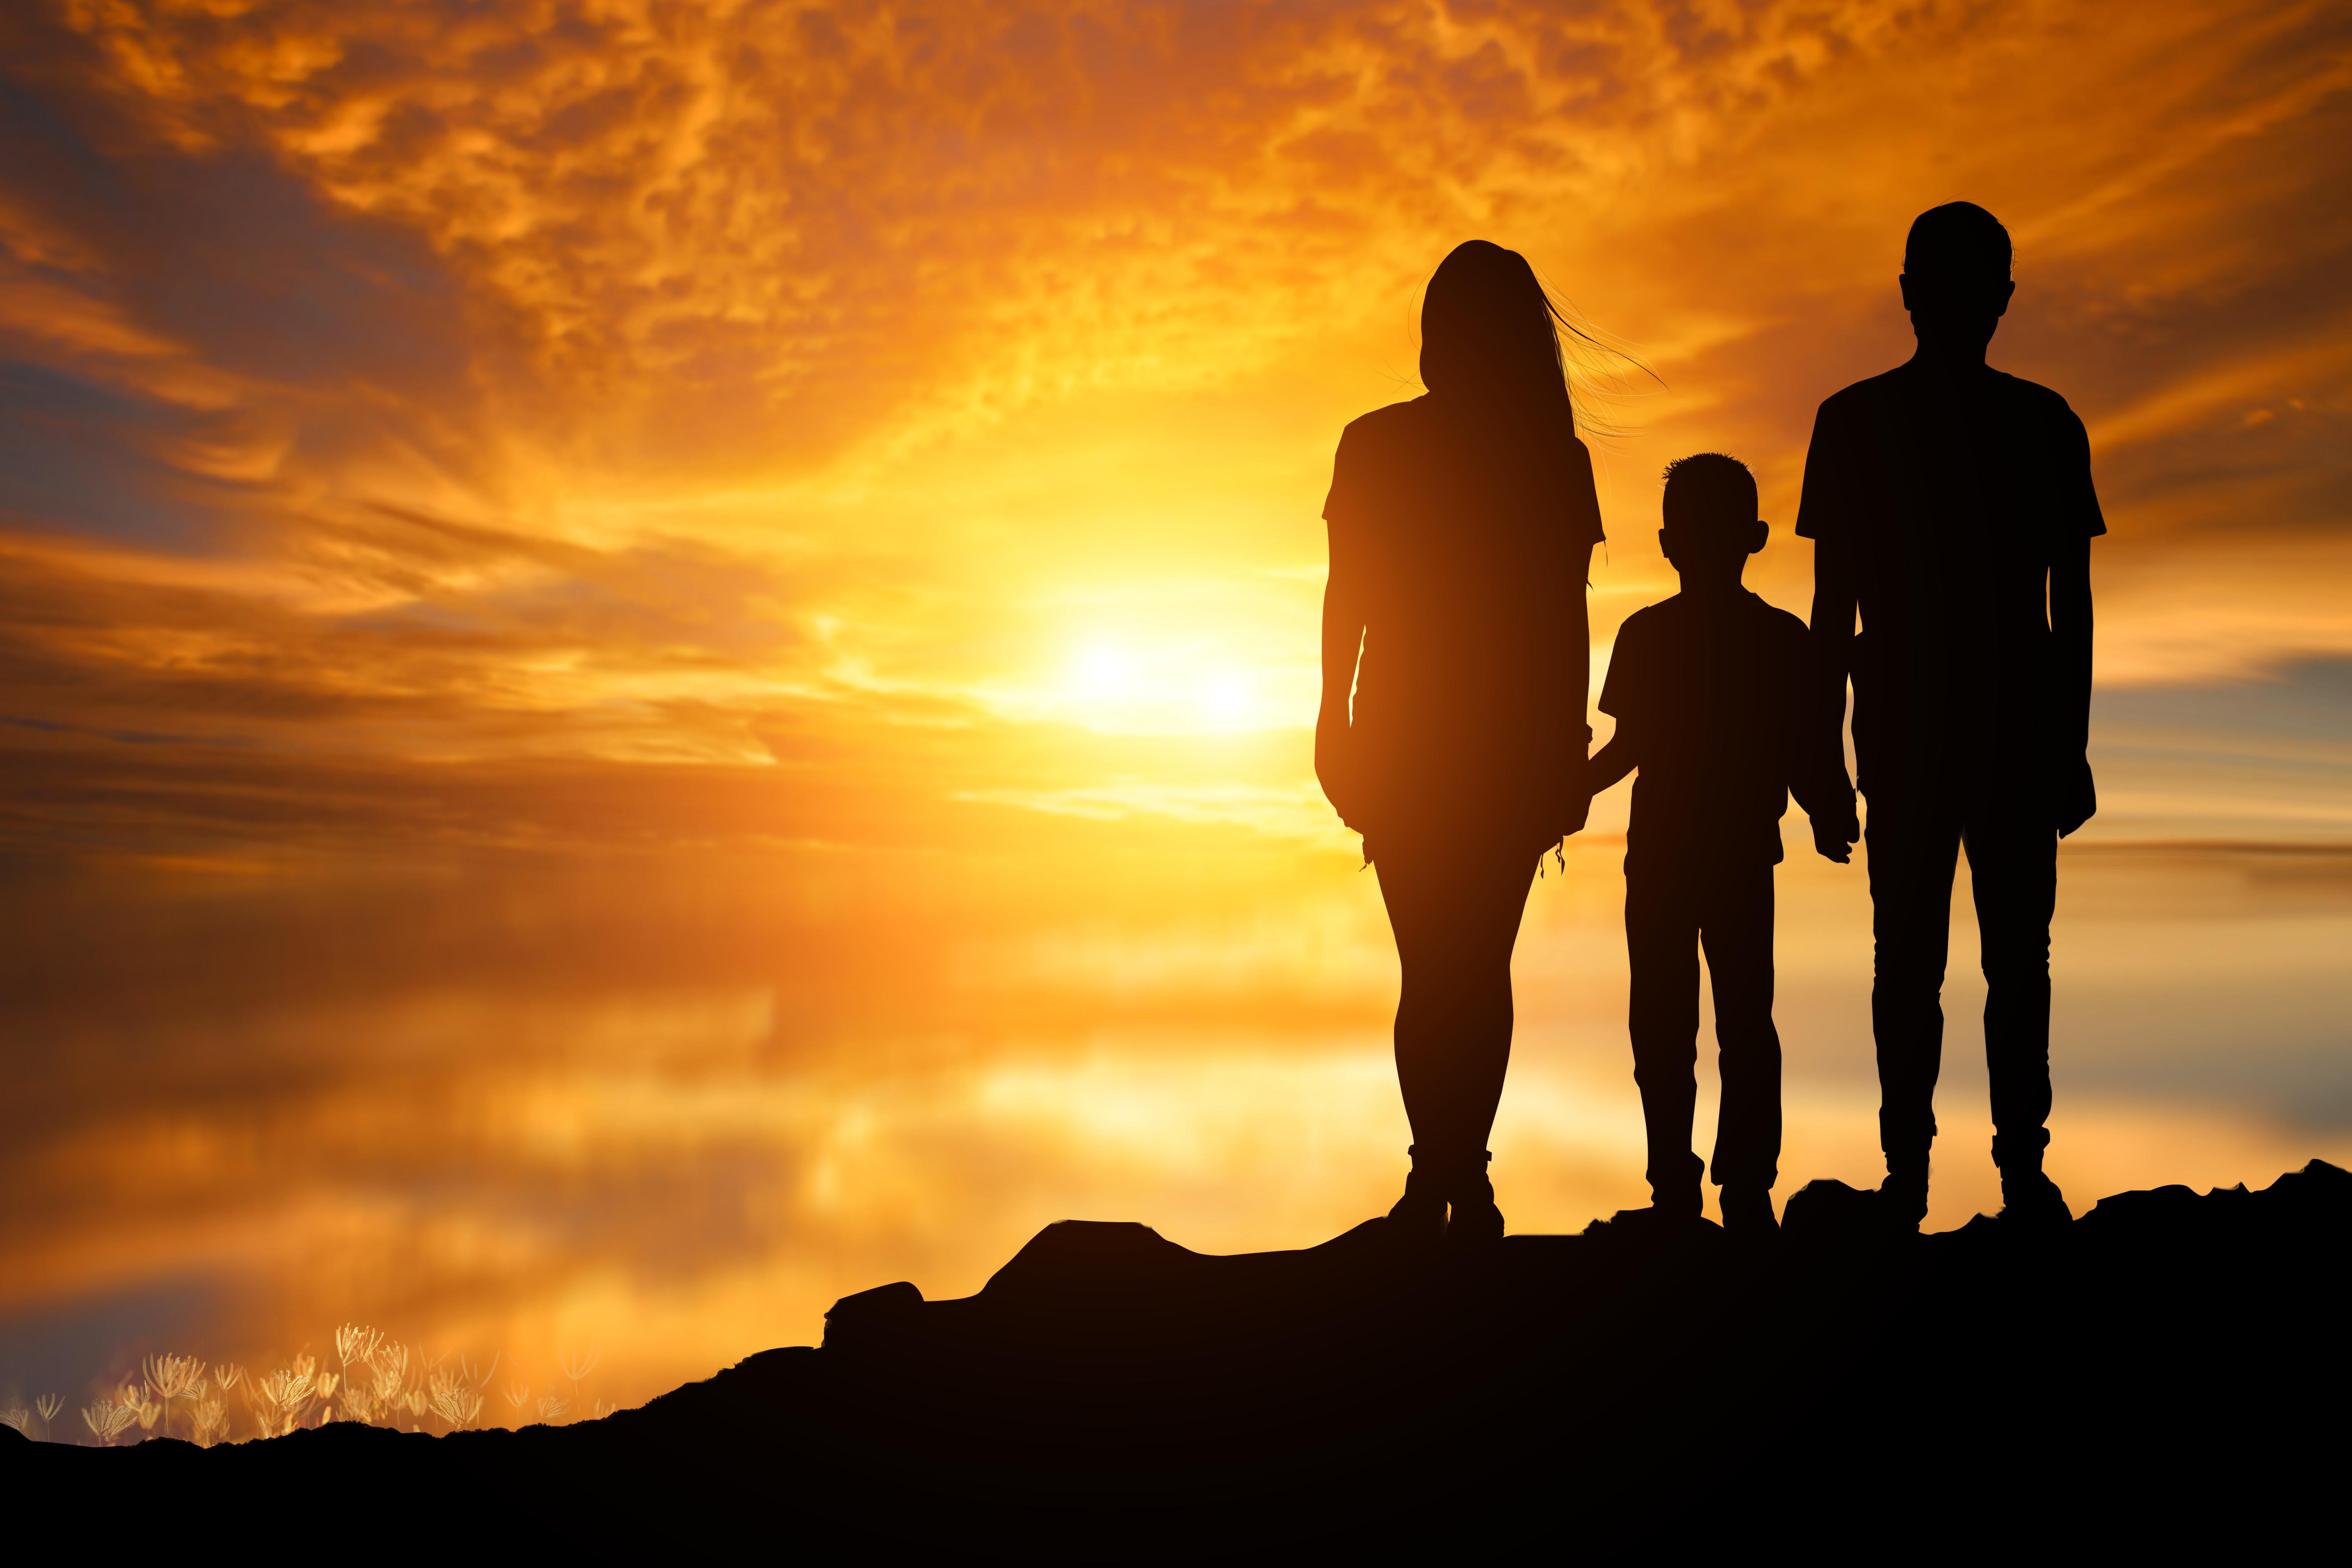 Let's Talk About Parenting Program